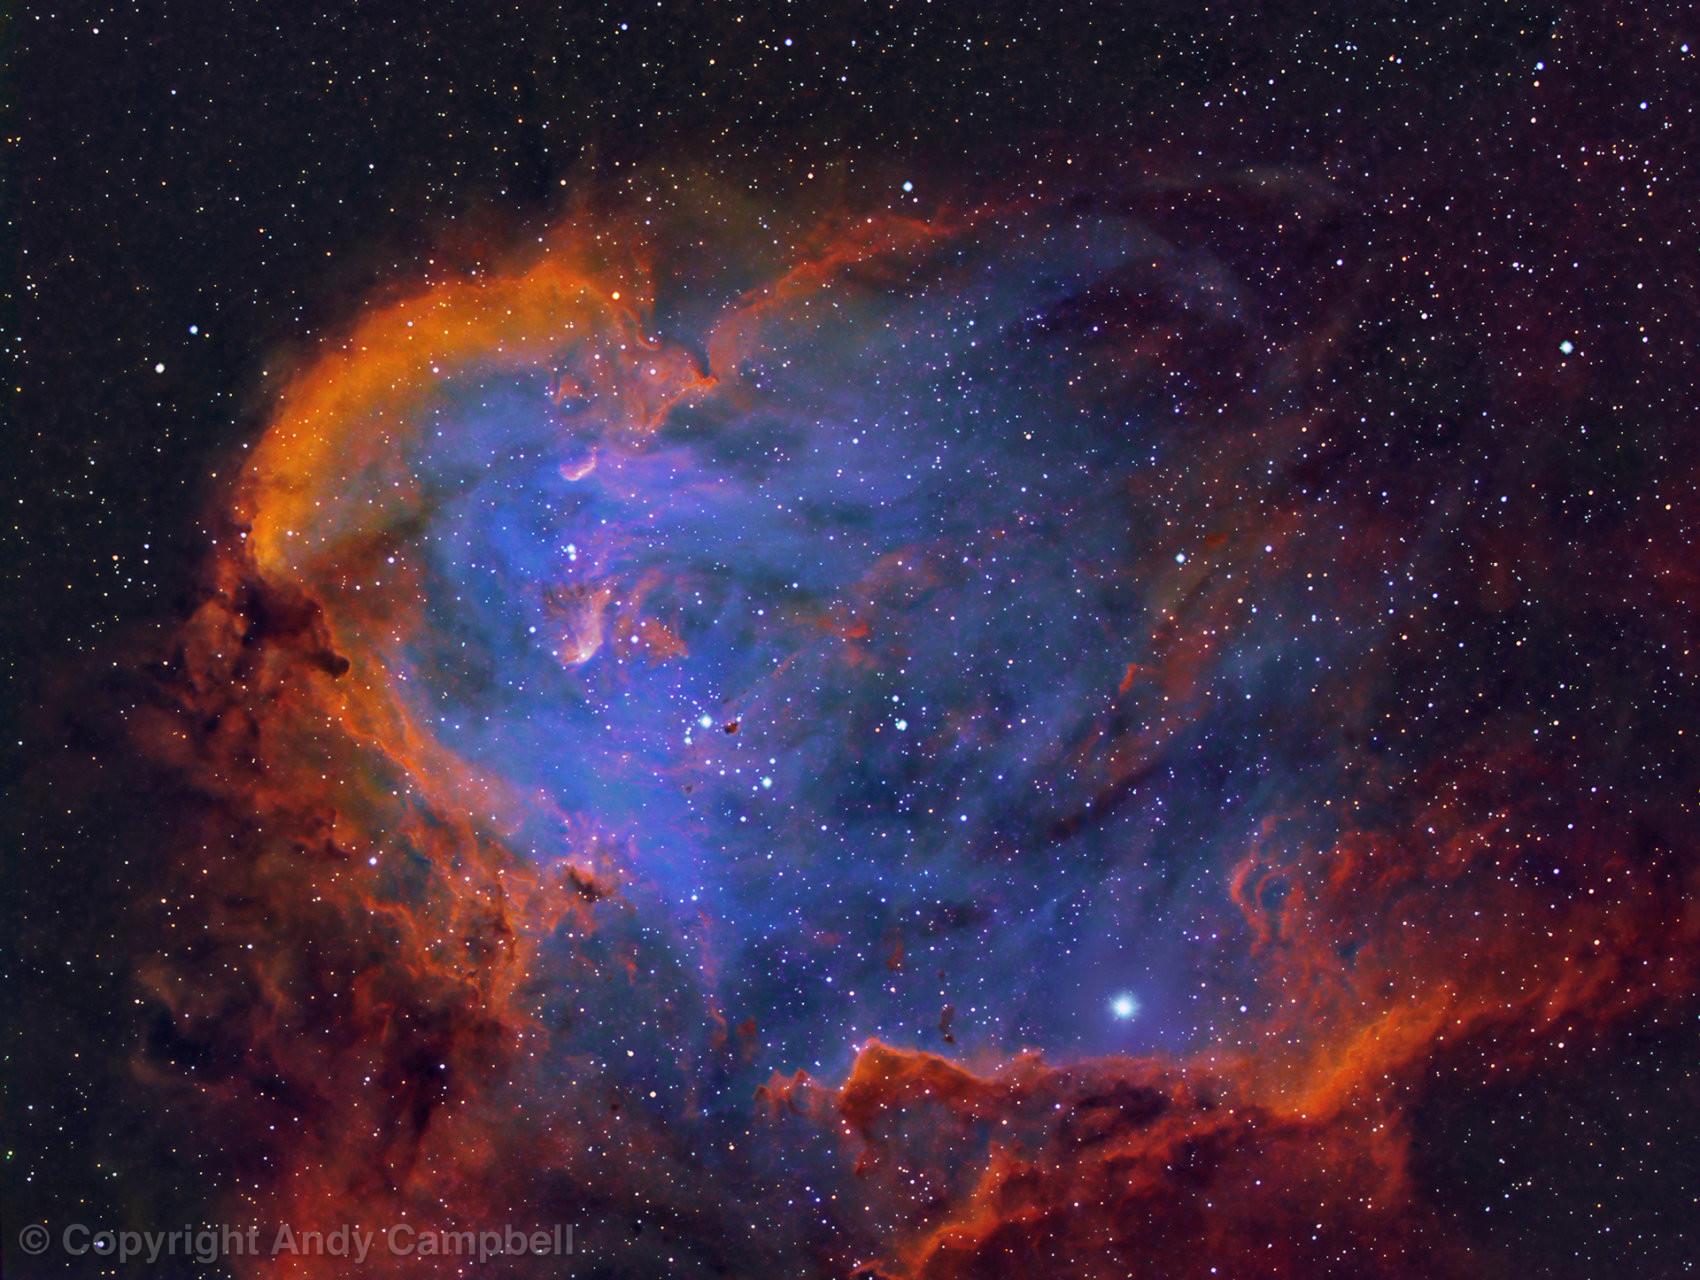 ic 2944 Running Chicken Nebula in Narrowband